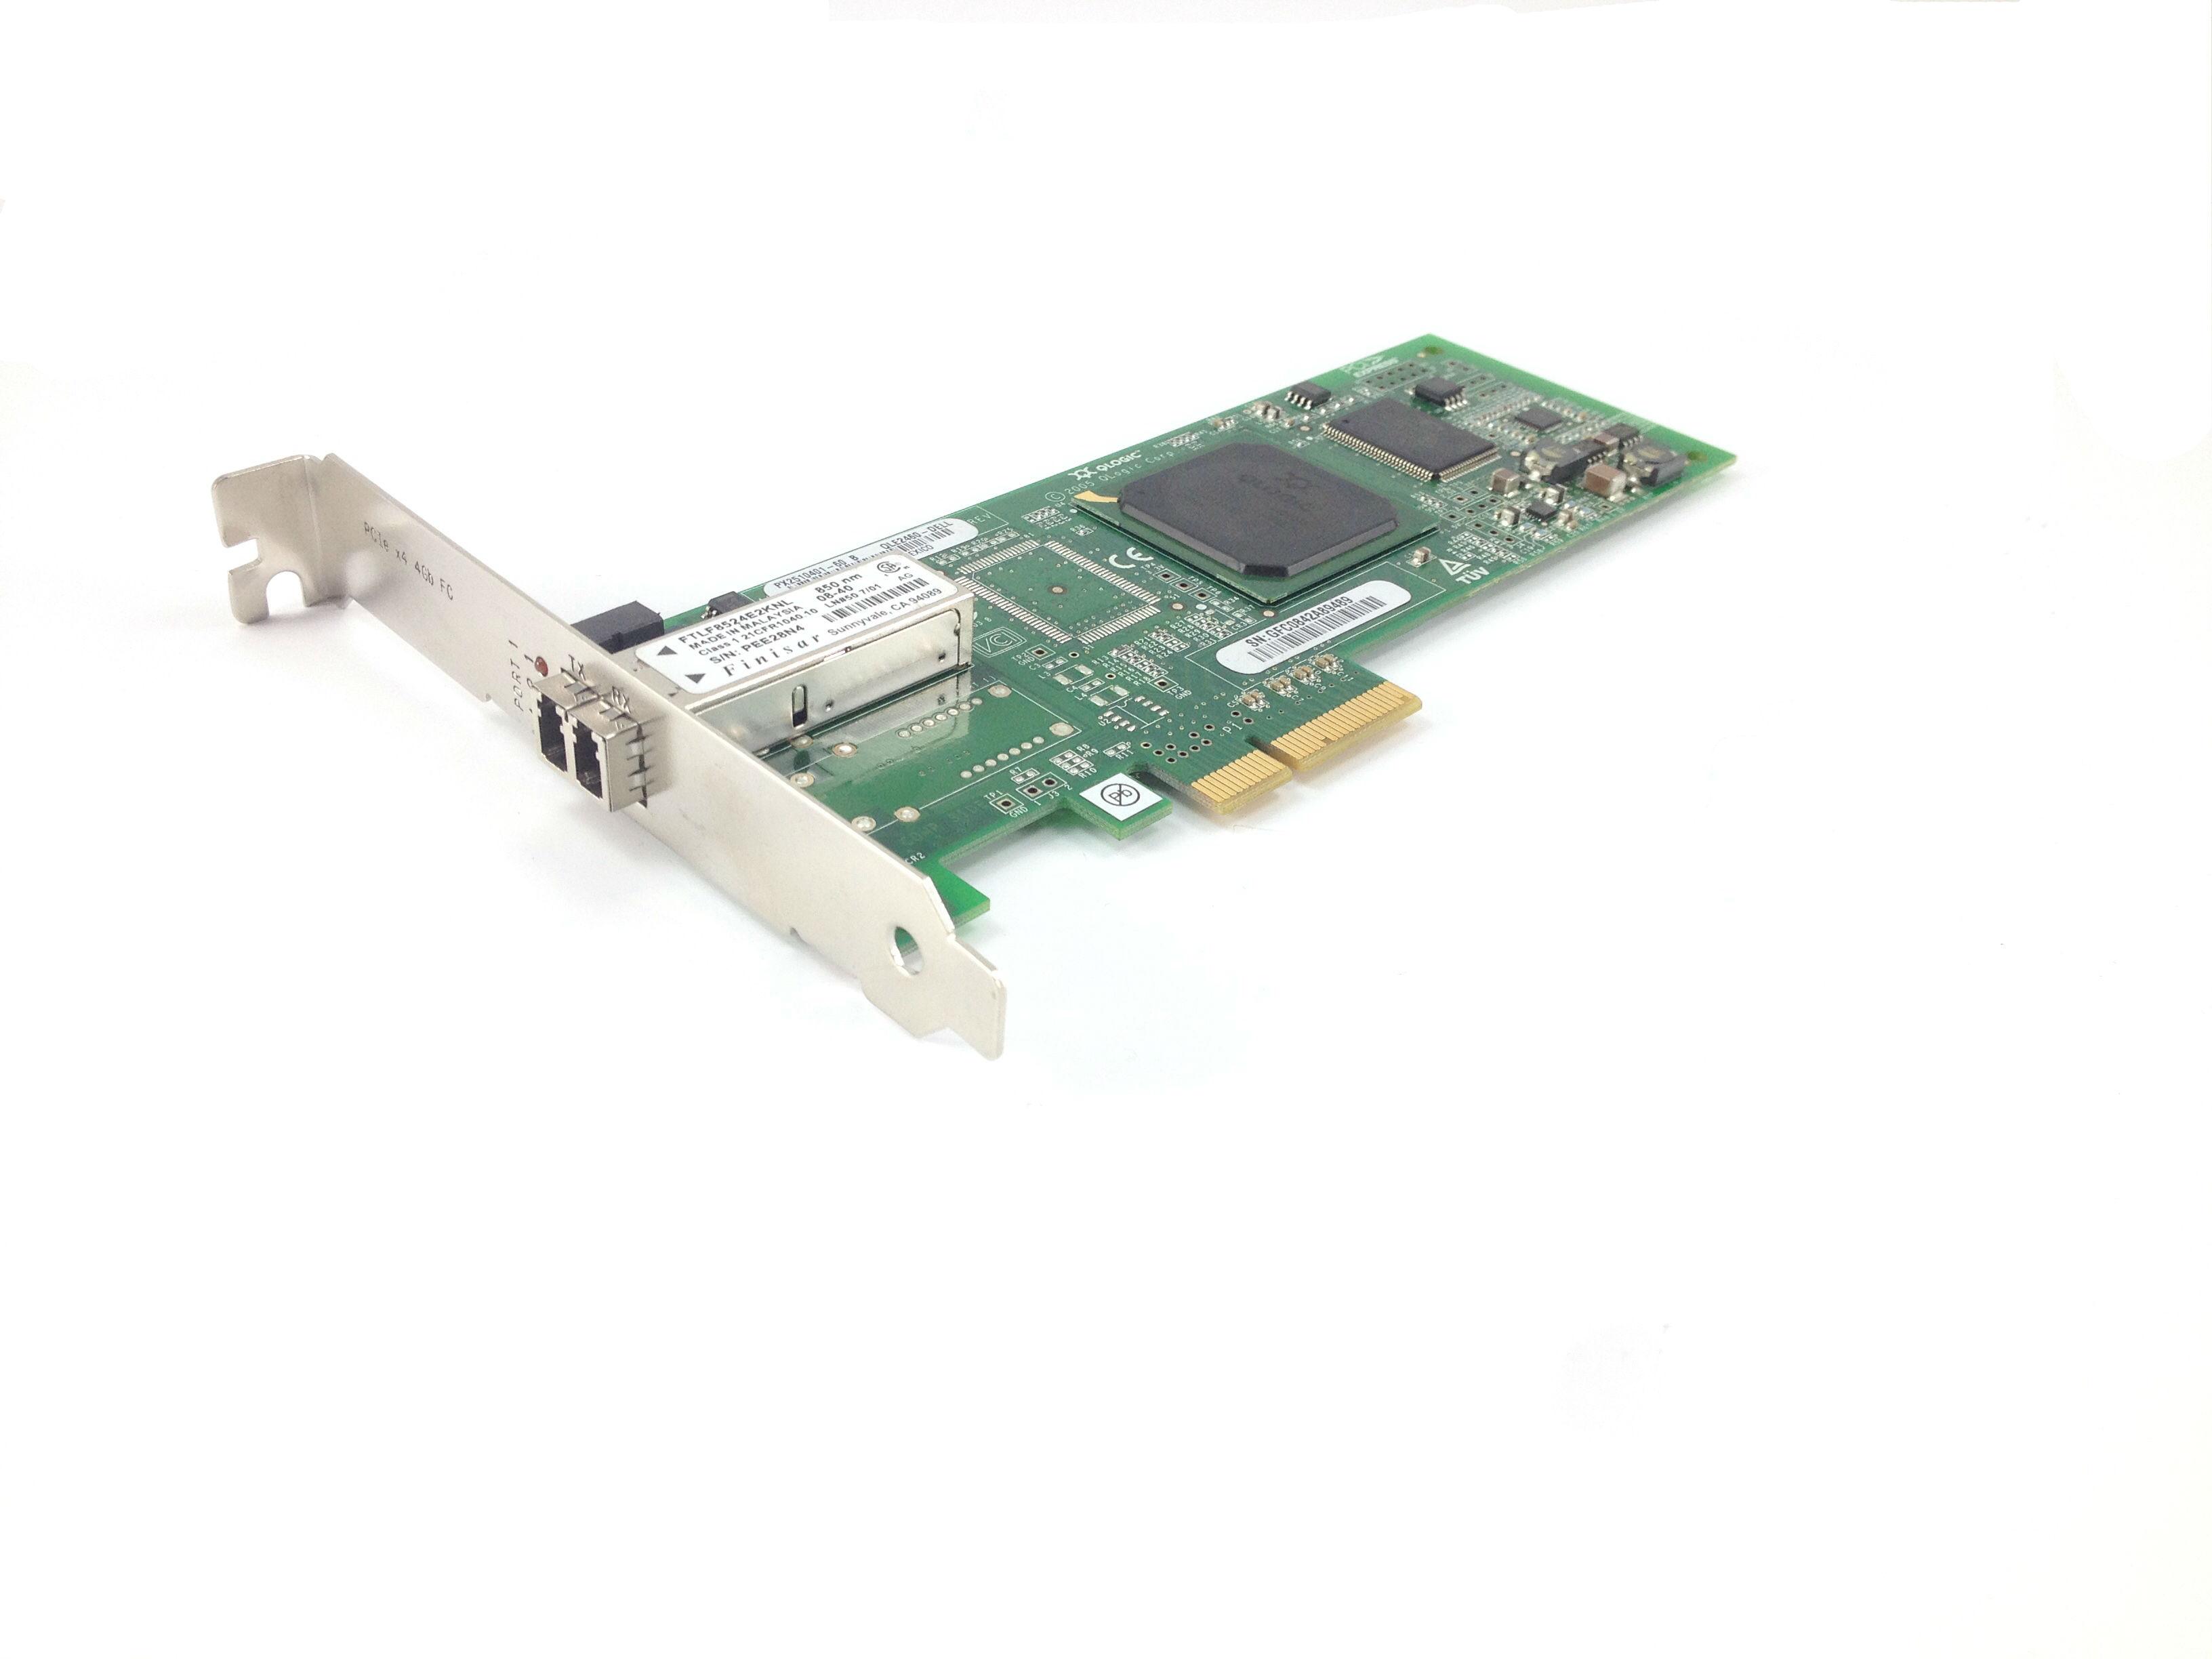 Dell Qlogic QLE2460 4GB PCI-E Host Bus Adapter (PF323)